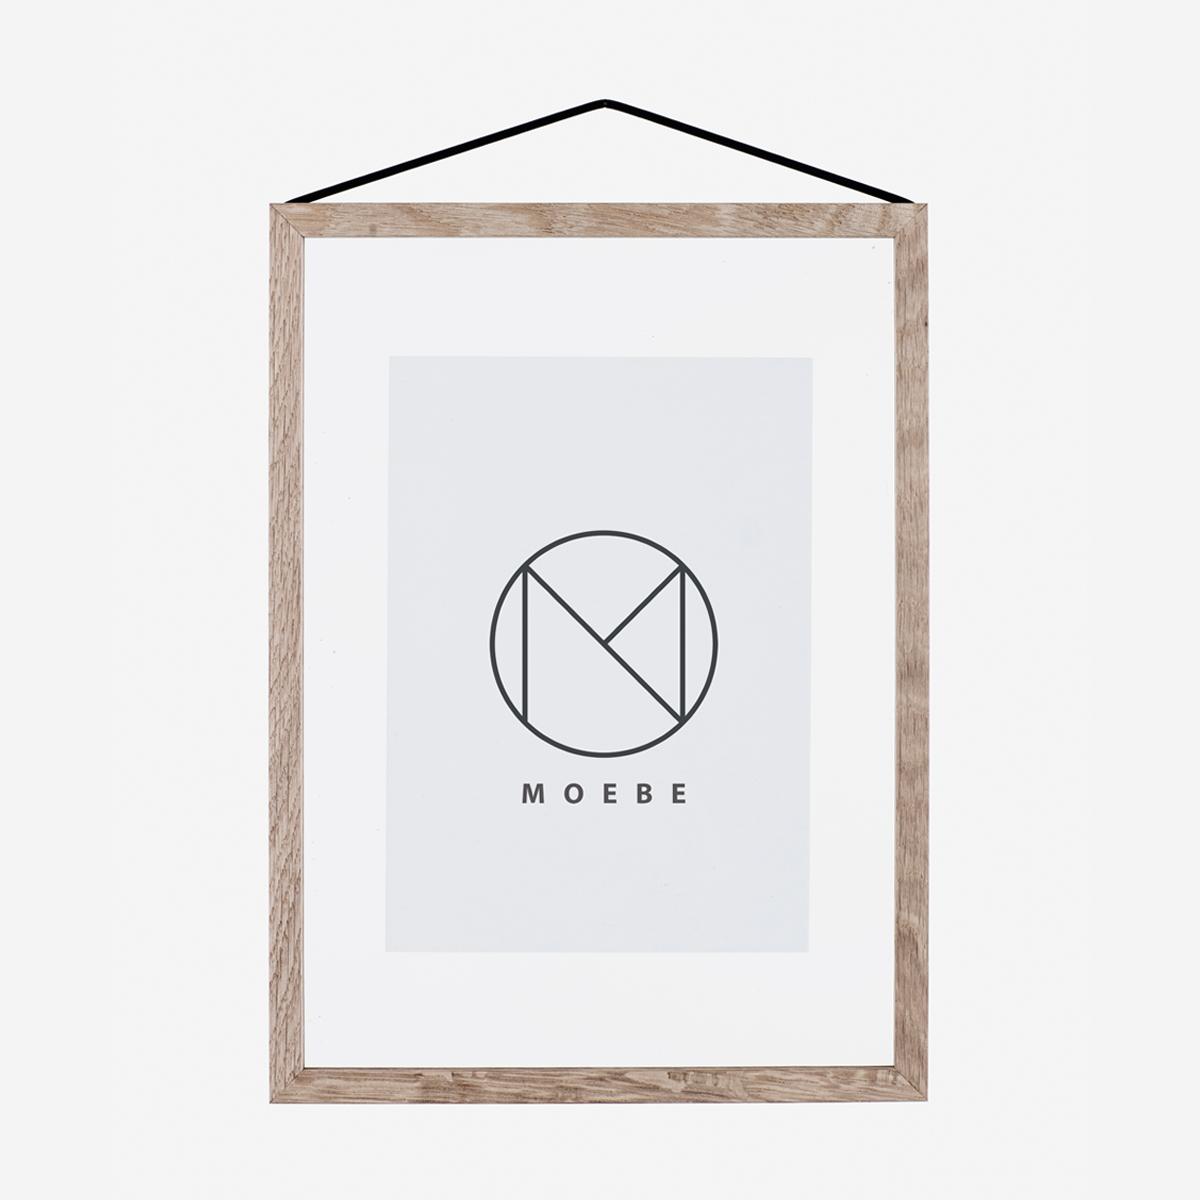 rikiki grafik produkt frame oak bilderrahmen a4. Black Bedroom Furniture Sets. Home Design Ideas